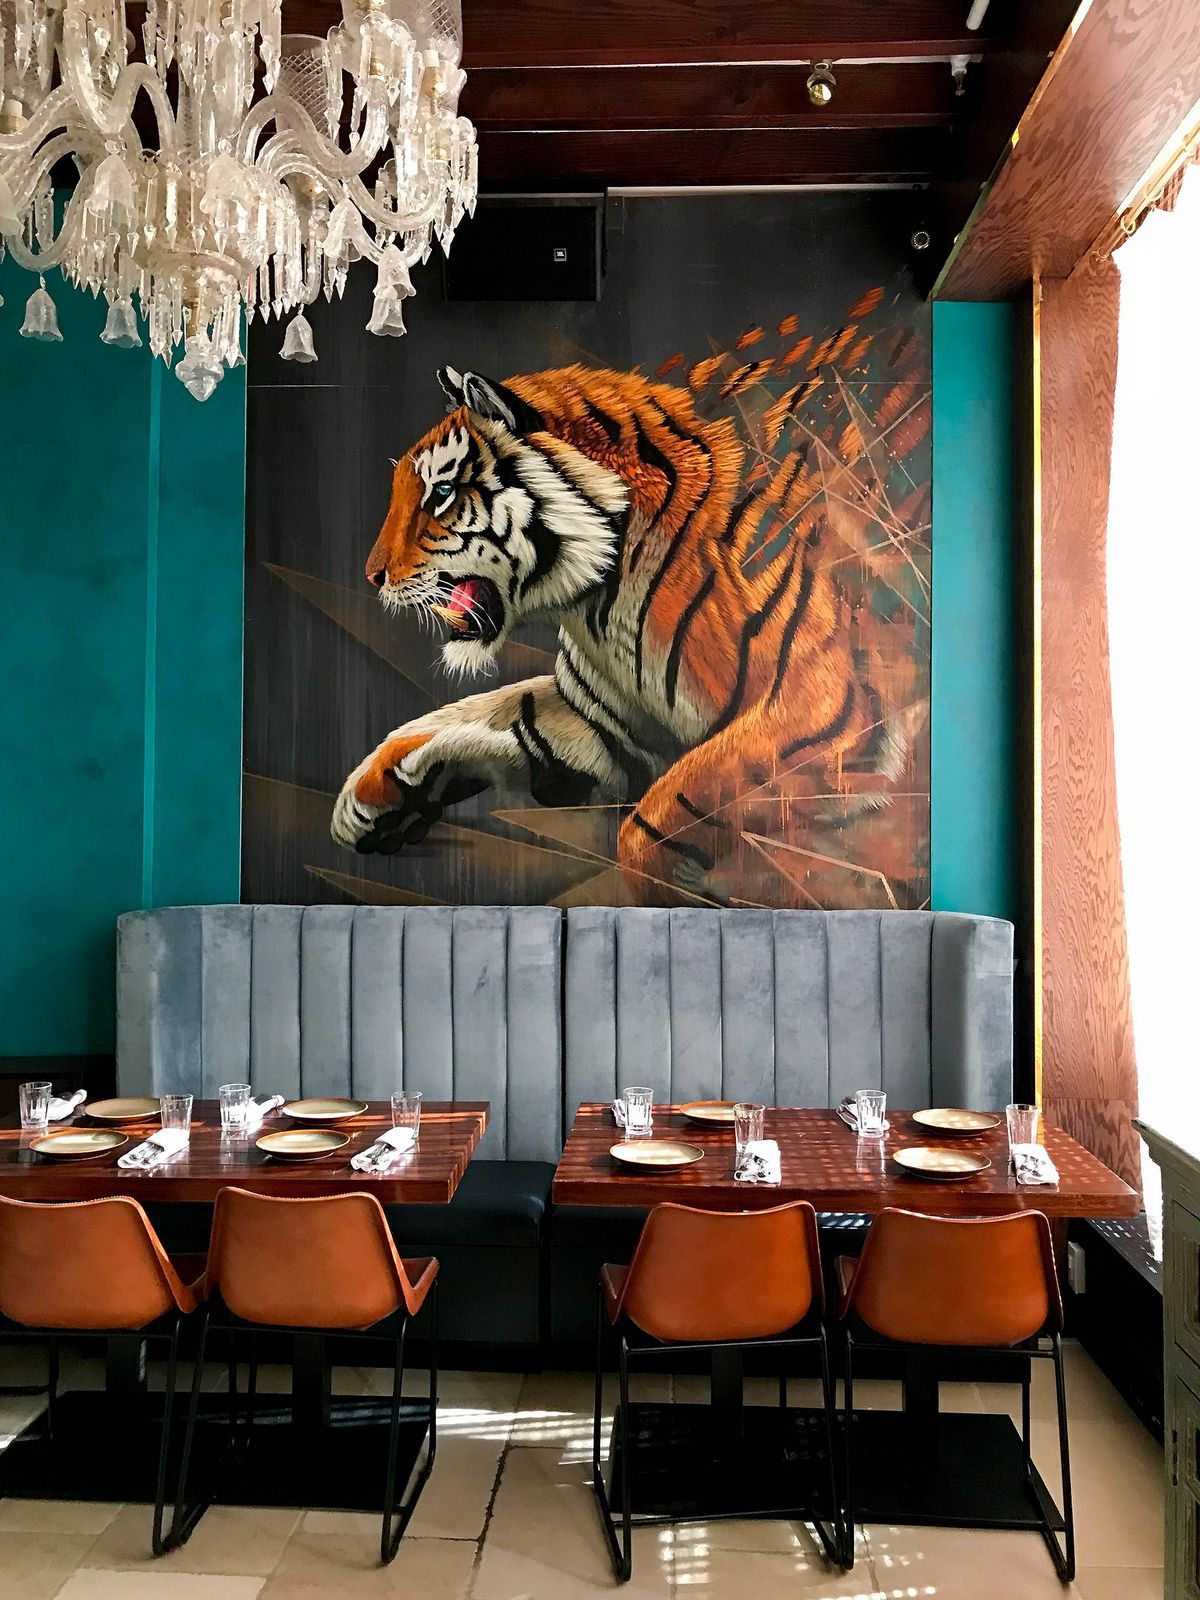 Gupshup New York Indian Restaurant Interior Decor Tiger Painting Velvet Blue Bench